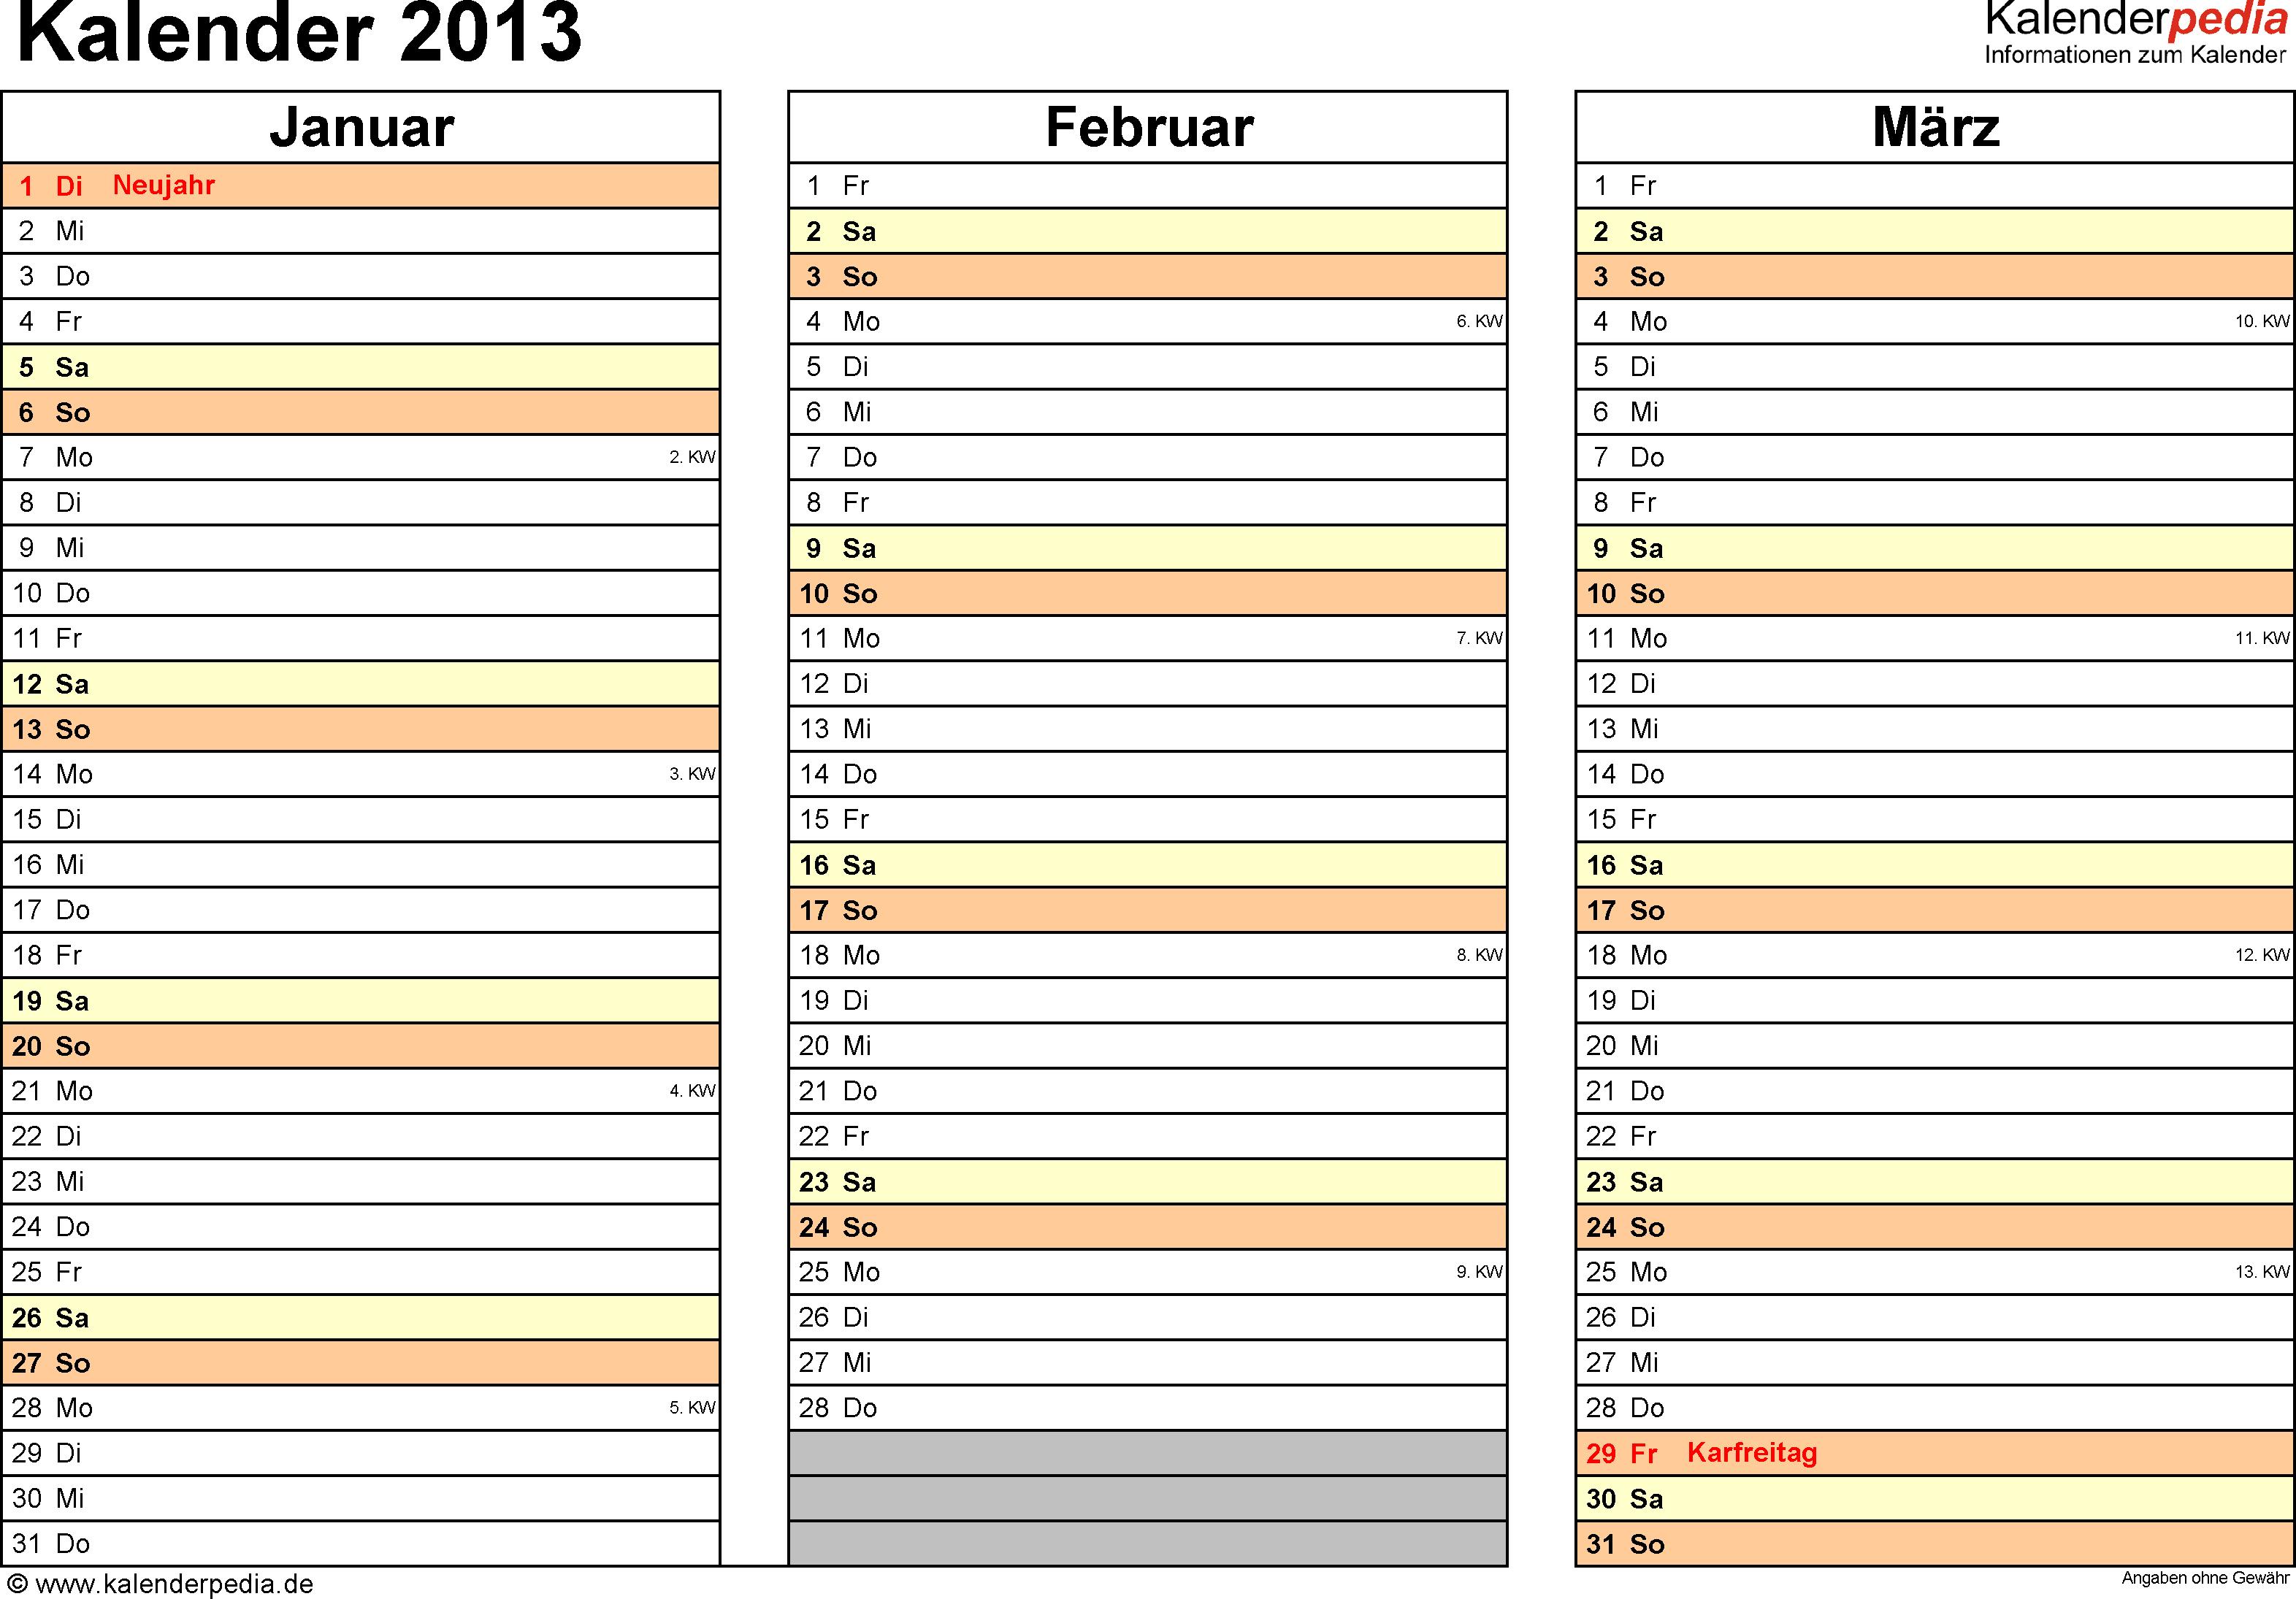 Vorlage 5: Jahreskalender 2013 als Excel-Vorlage, Querformat, DIN A4, 4 Seiten, Quartal auf einer Seite, mit Feiertagen (ganz Deutschland) und Kalenderwochen